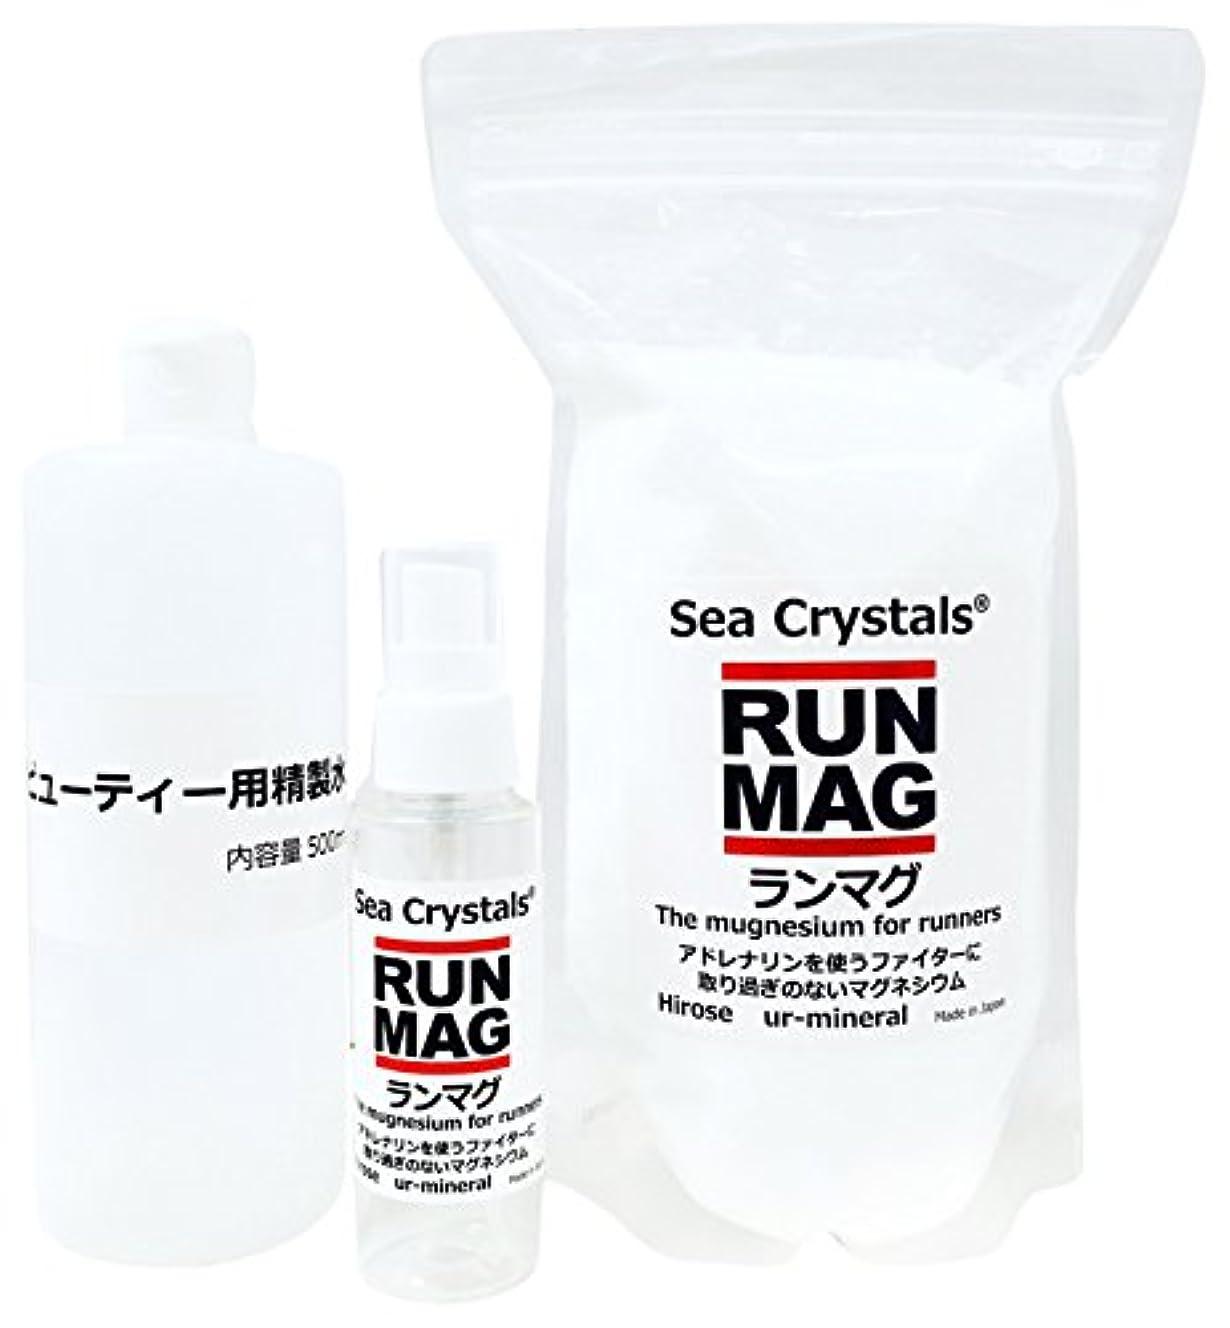 強制的長方形祝福するランマグ?マグネシウムオイル 500g 化粧品登録 日本製 1日マグネシウム360mg使用  精製水付き